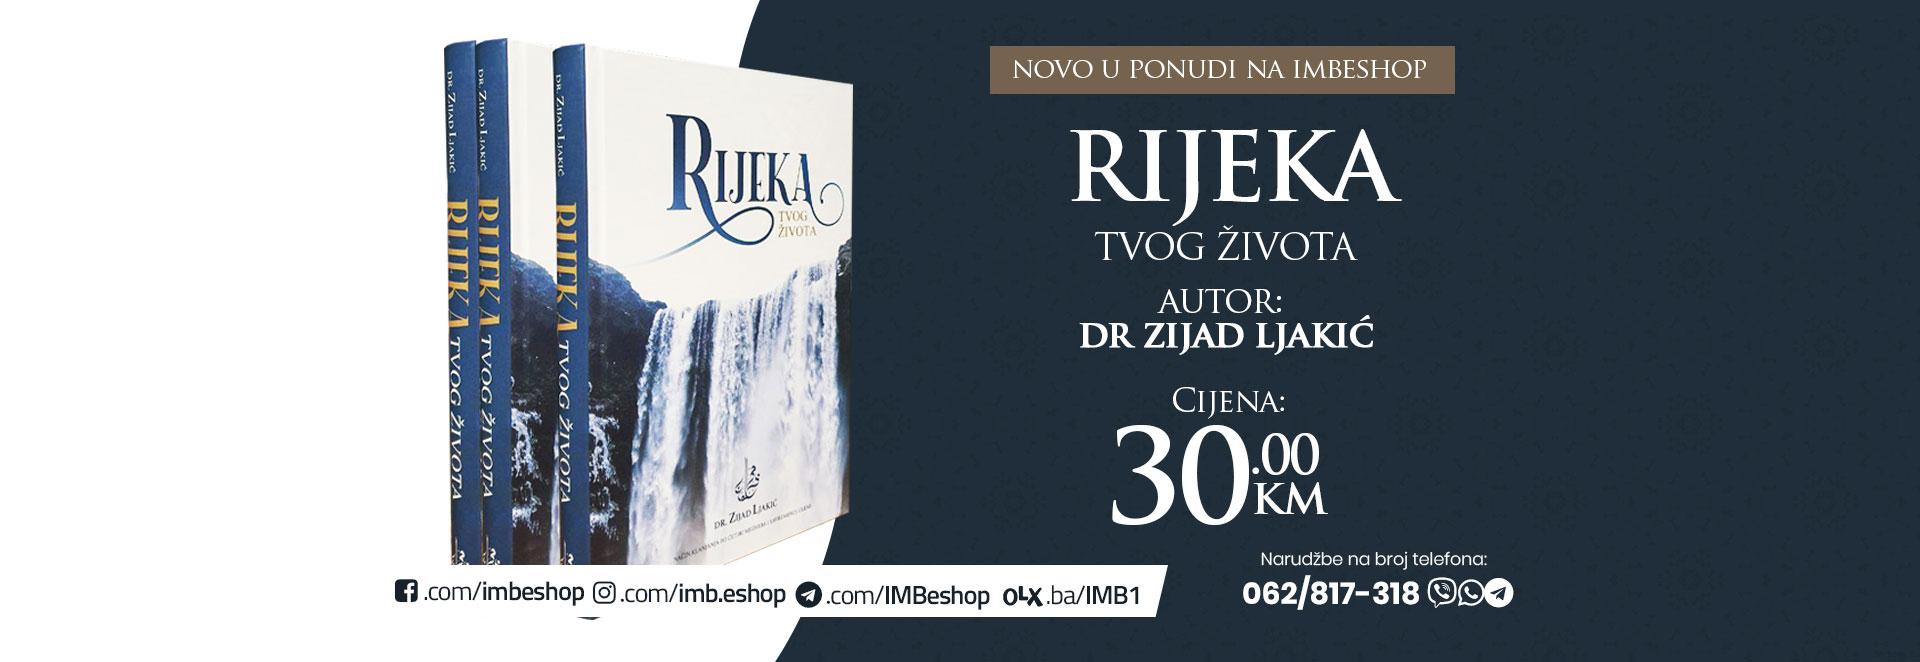 Rijeka-tvog-života